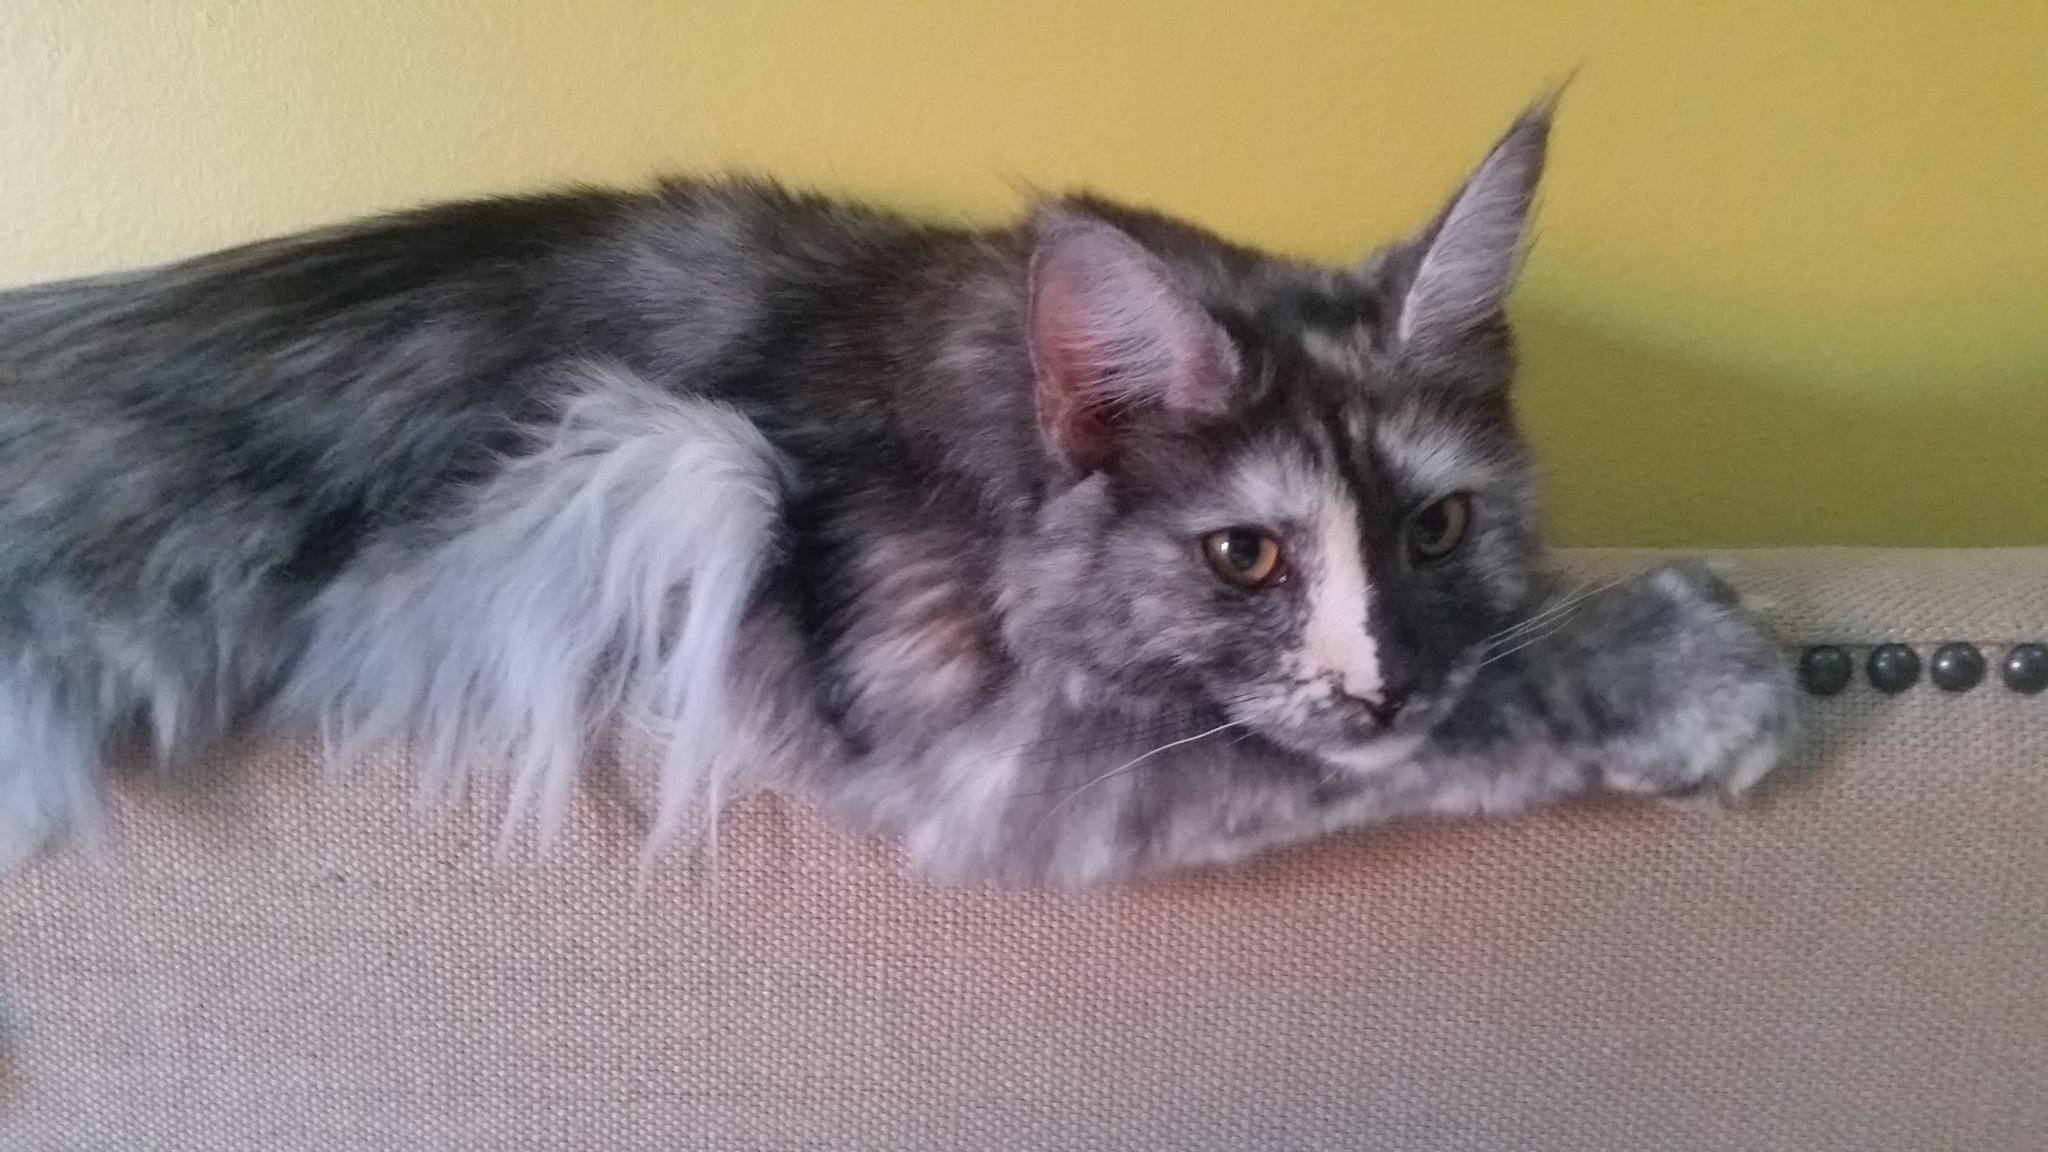 Harley is a newer breeding female, she is a black smoke tortoiseshell.